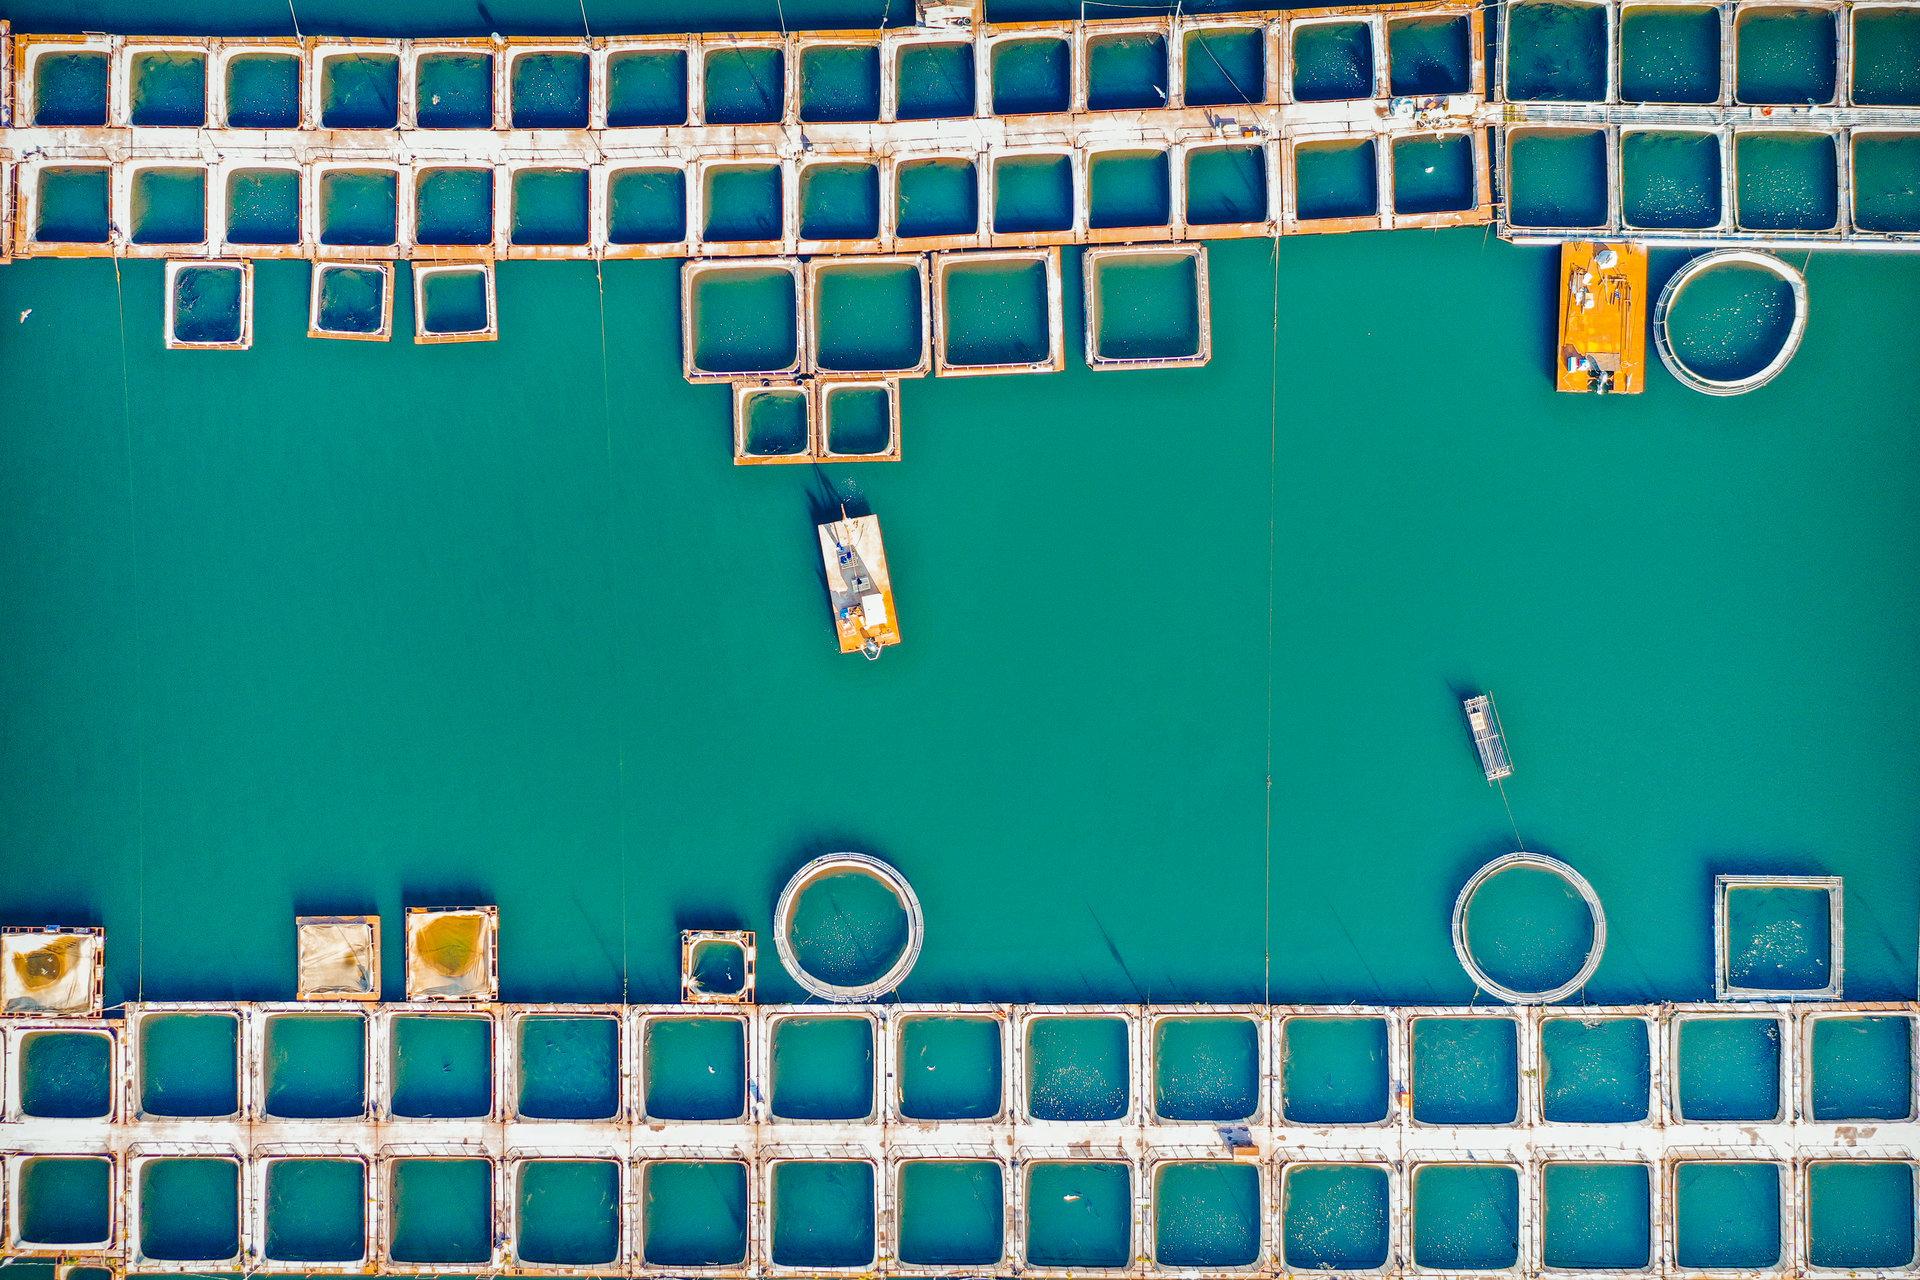 Photo in Aerial | Author menigiki | PHOTO FORUM